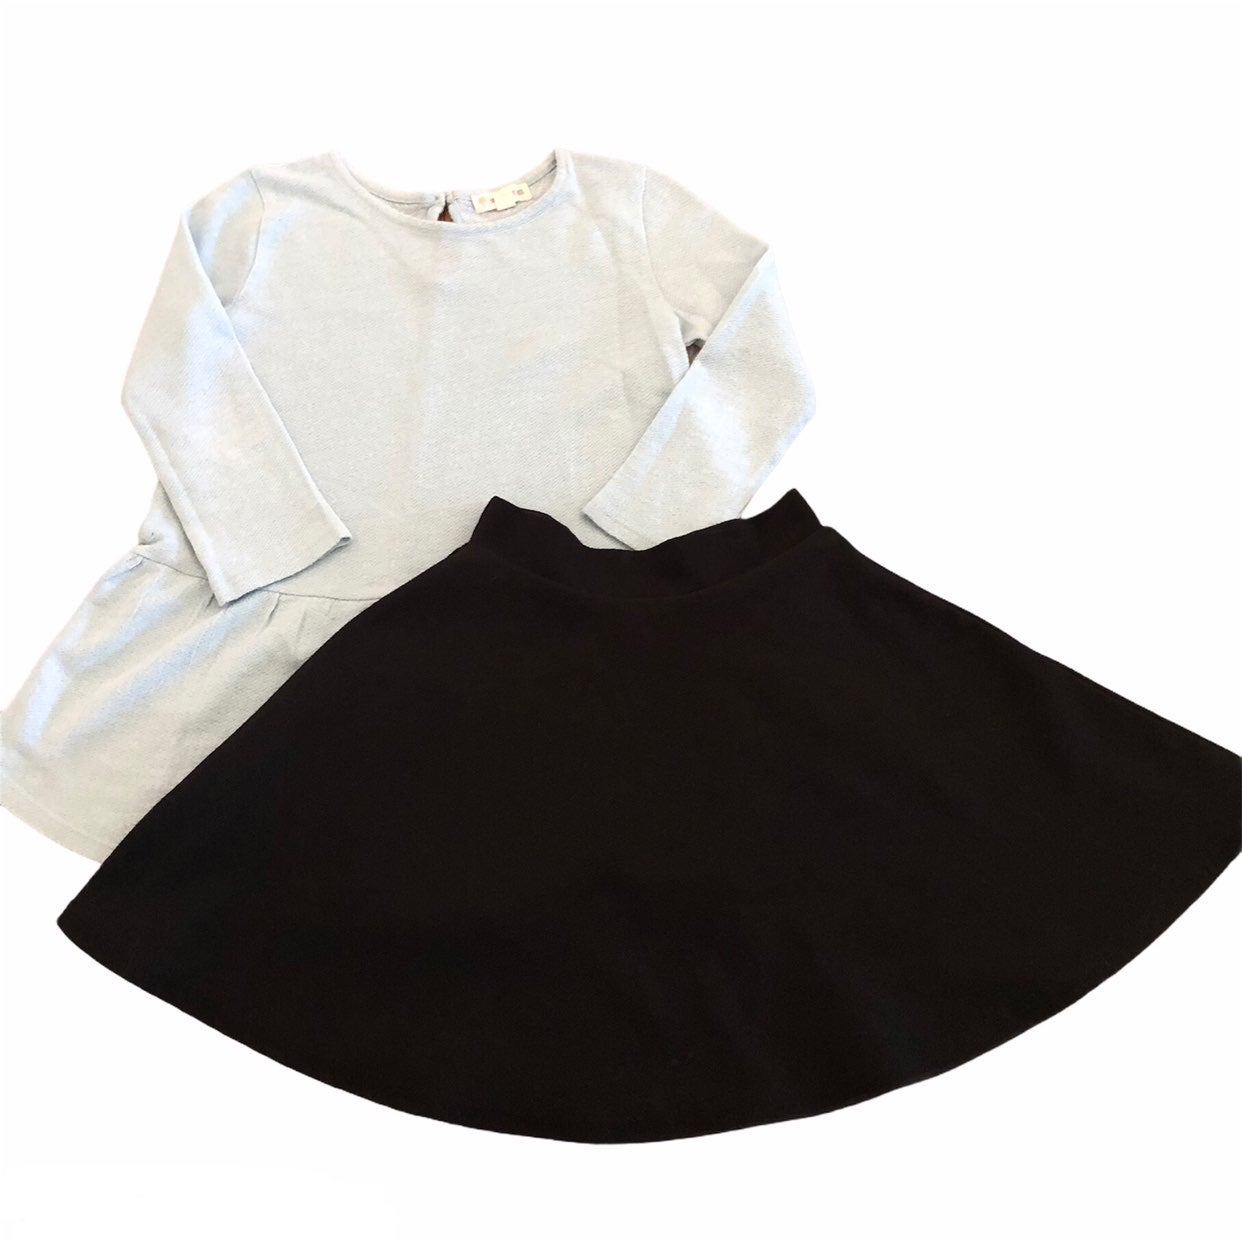 Girls 7 Tucker Tate Shirt Skirt Outfit